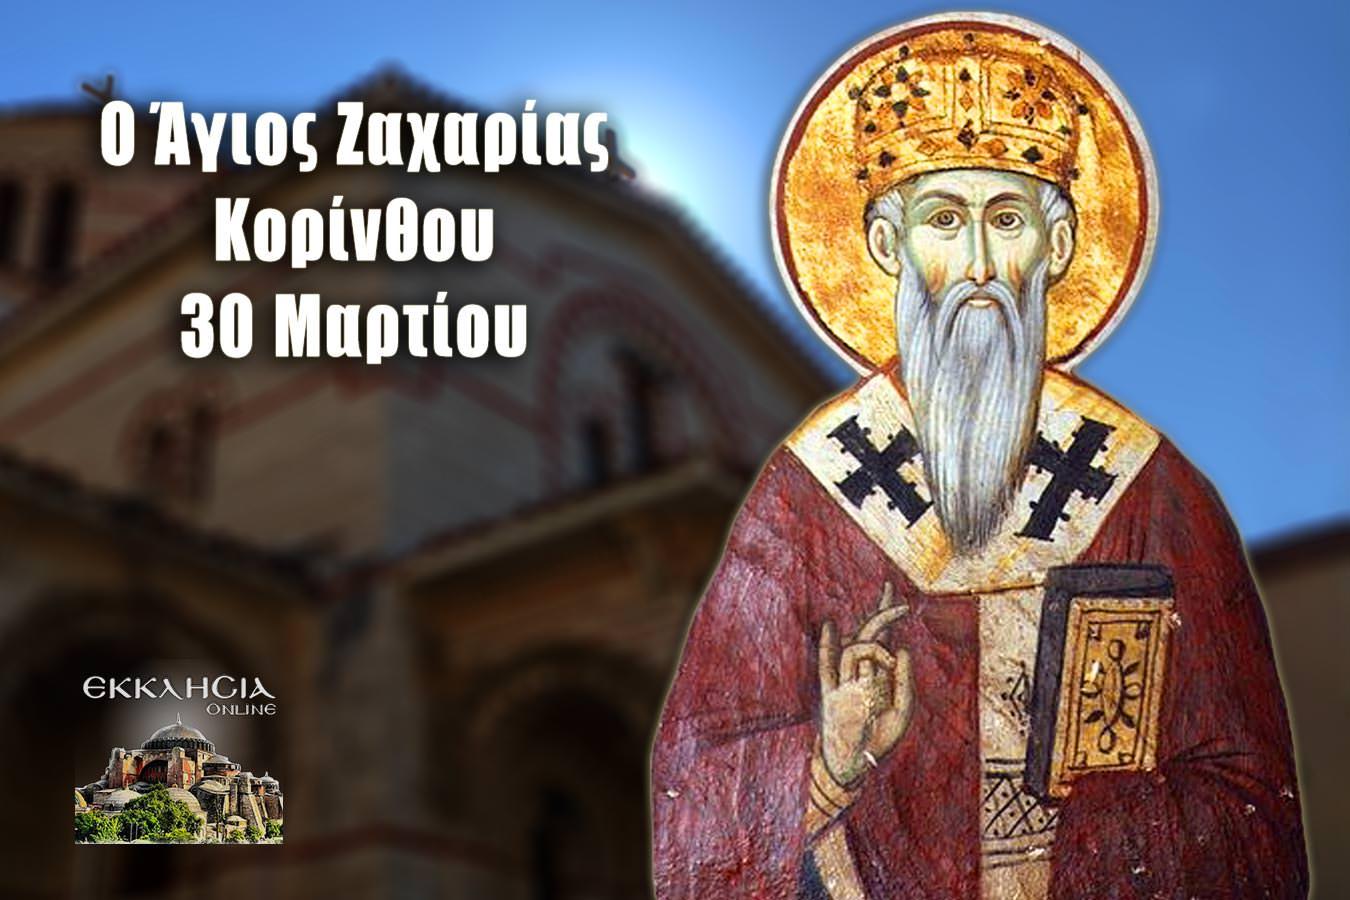 Άγιος Ζαχαρίας Κορίνθου 30 Μαρτίου